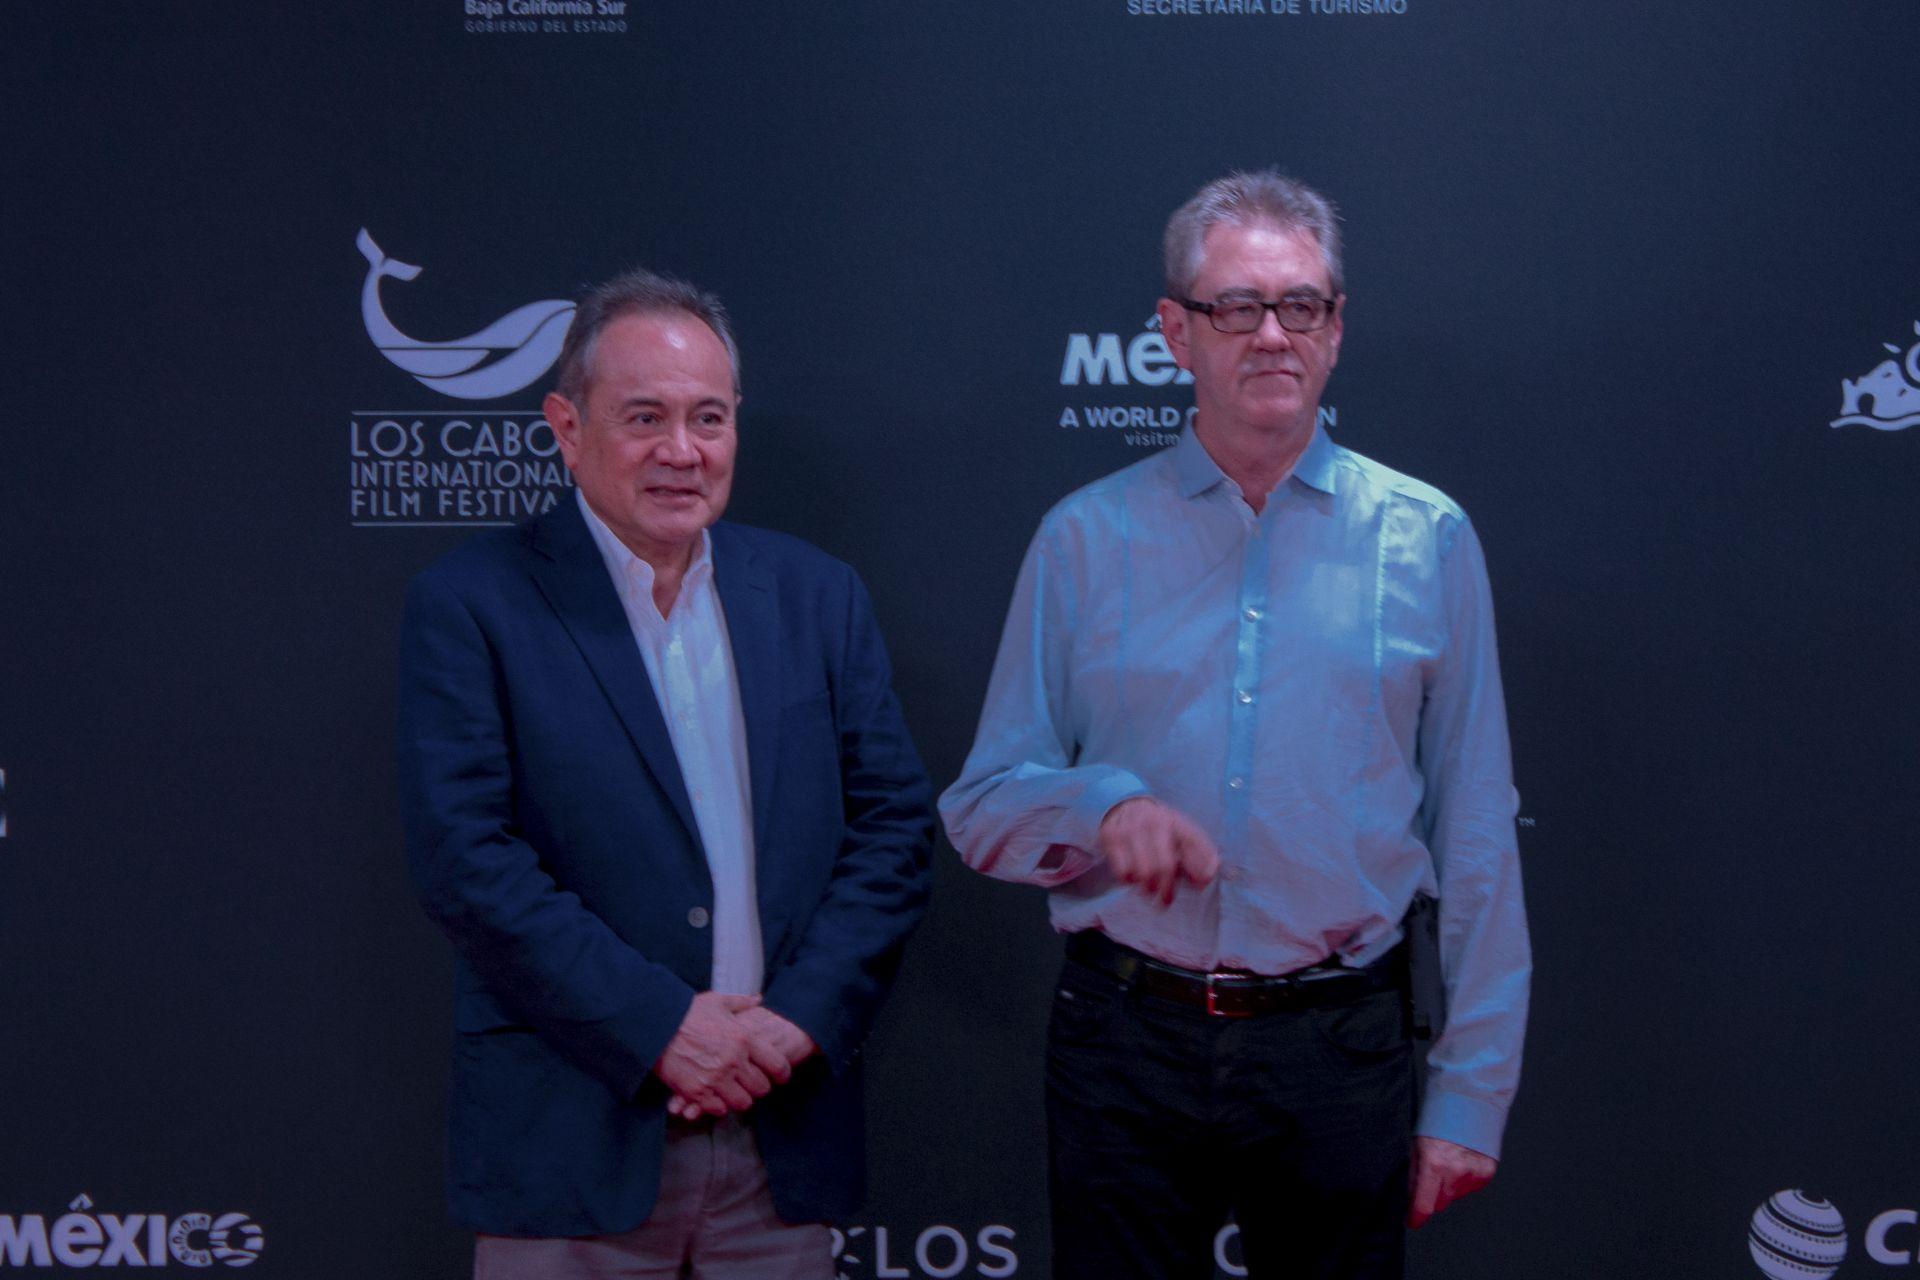 Los_Cabos_Film_Festival_20